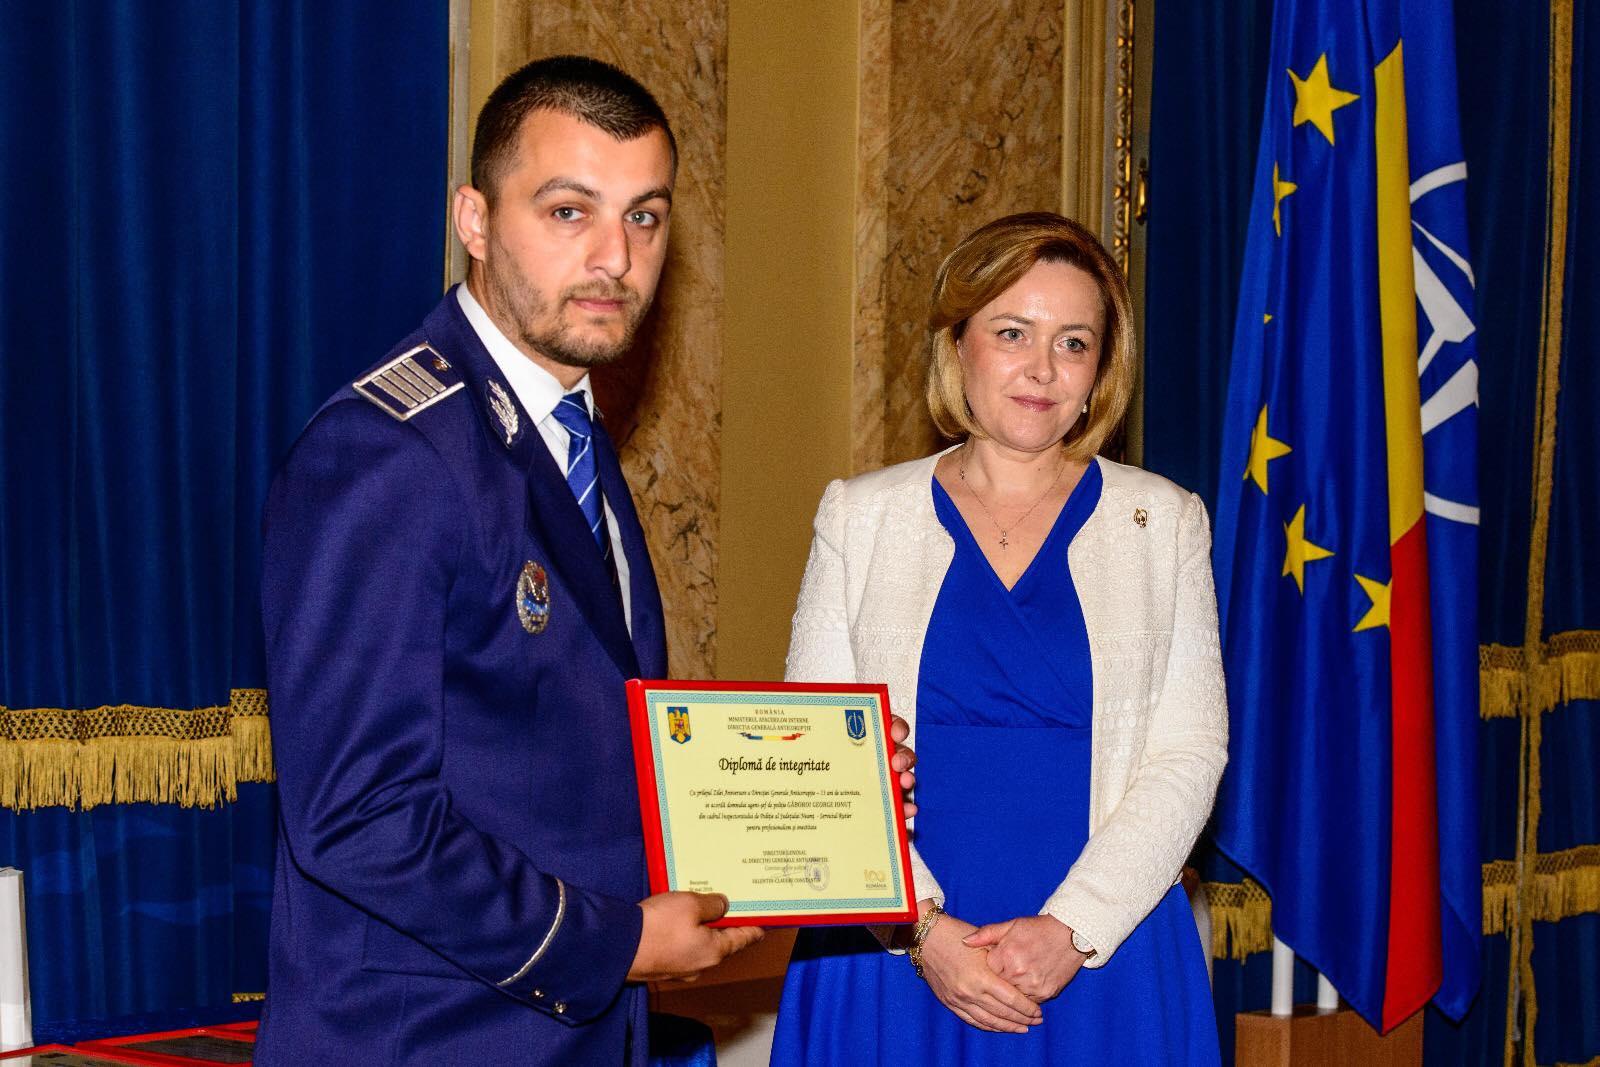 Polițist din cadrul IPJ Neamț, premiat de ministrul Afacerilor Interne după ce a refuzat de patru ori mită